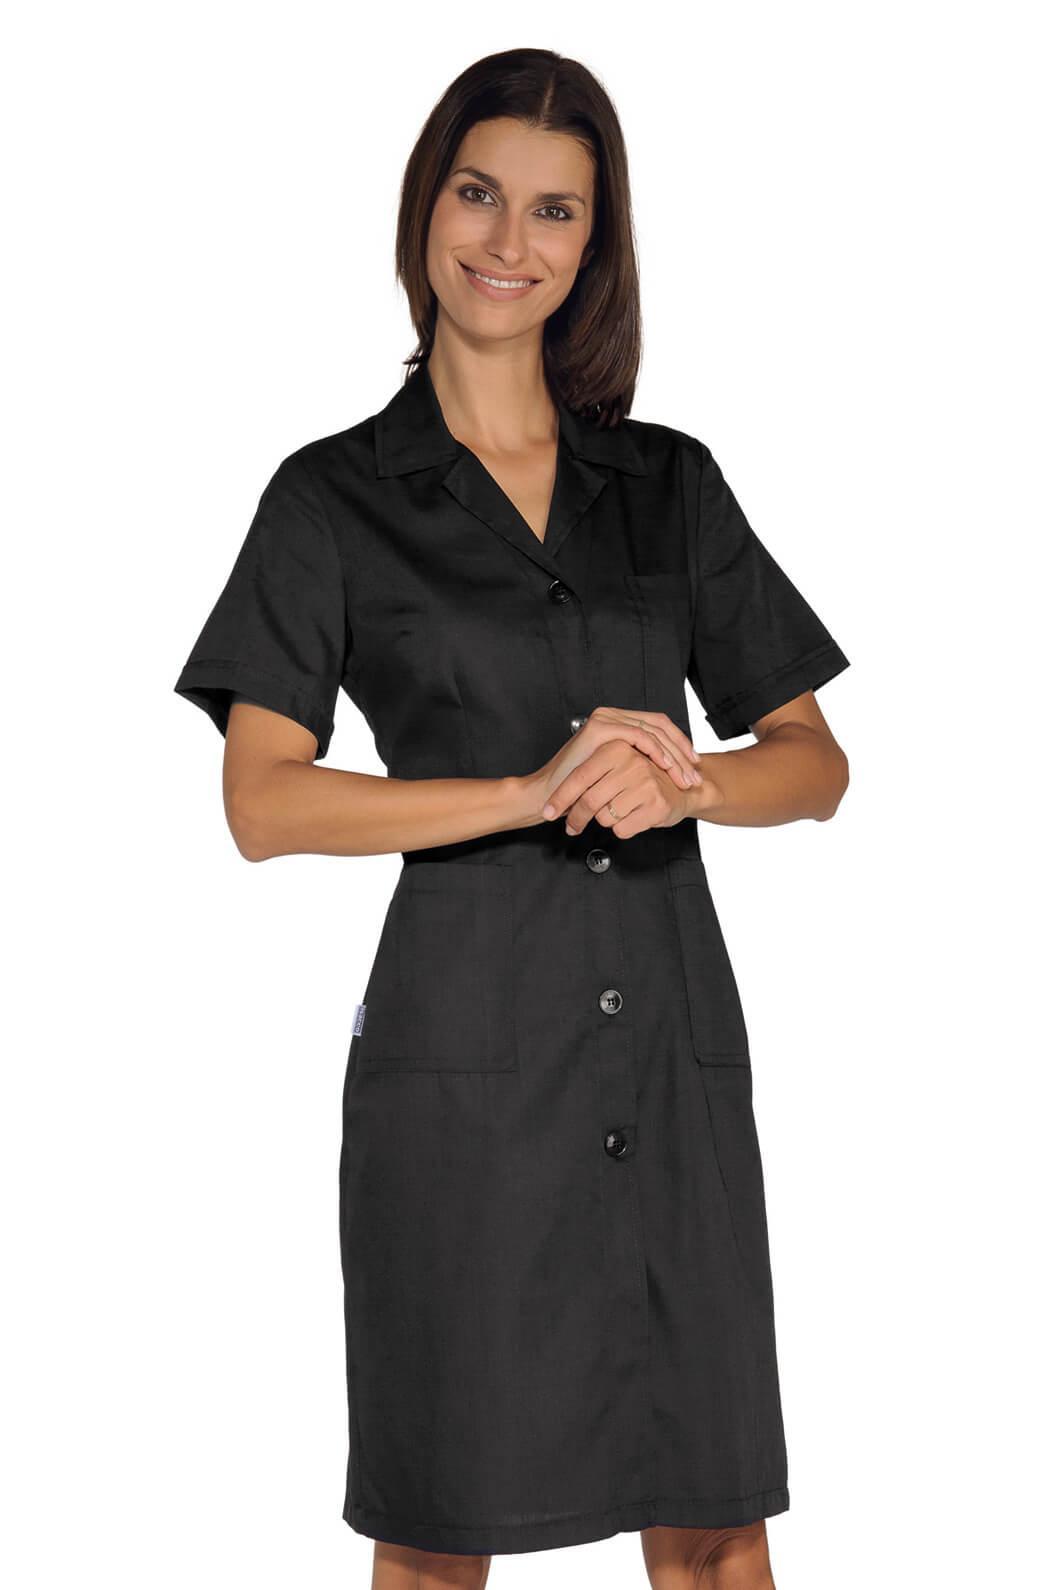 blouse de travail femme noire. Black Bedroom Furniture Sets. Home Design Ideas